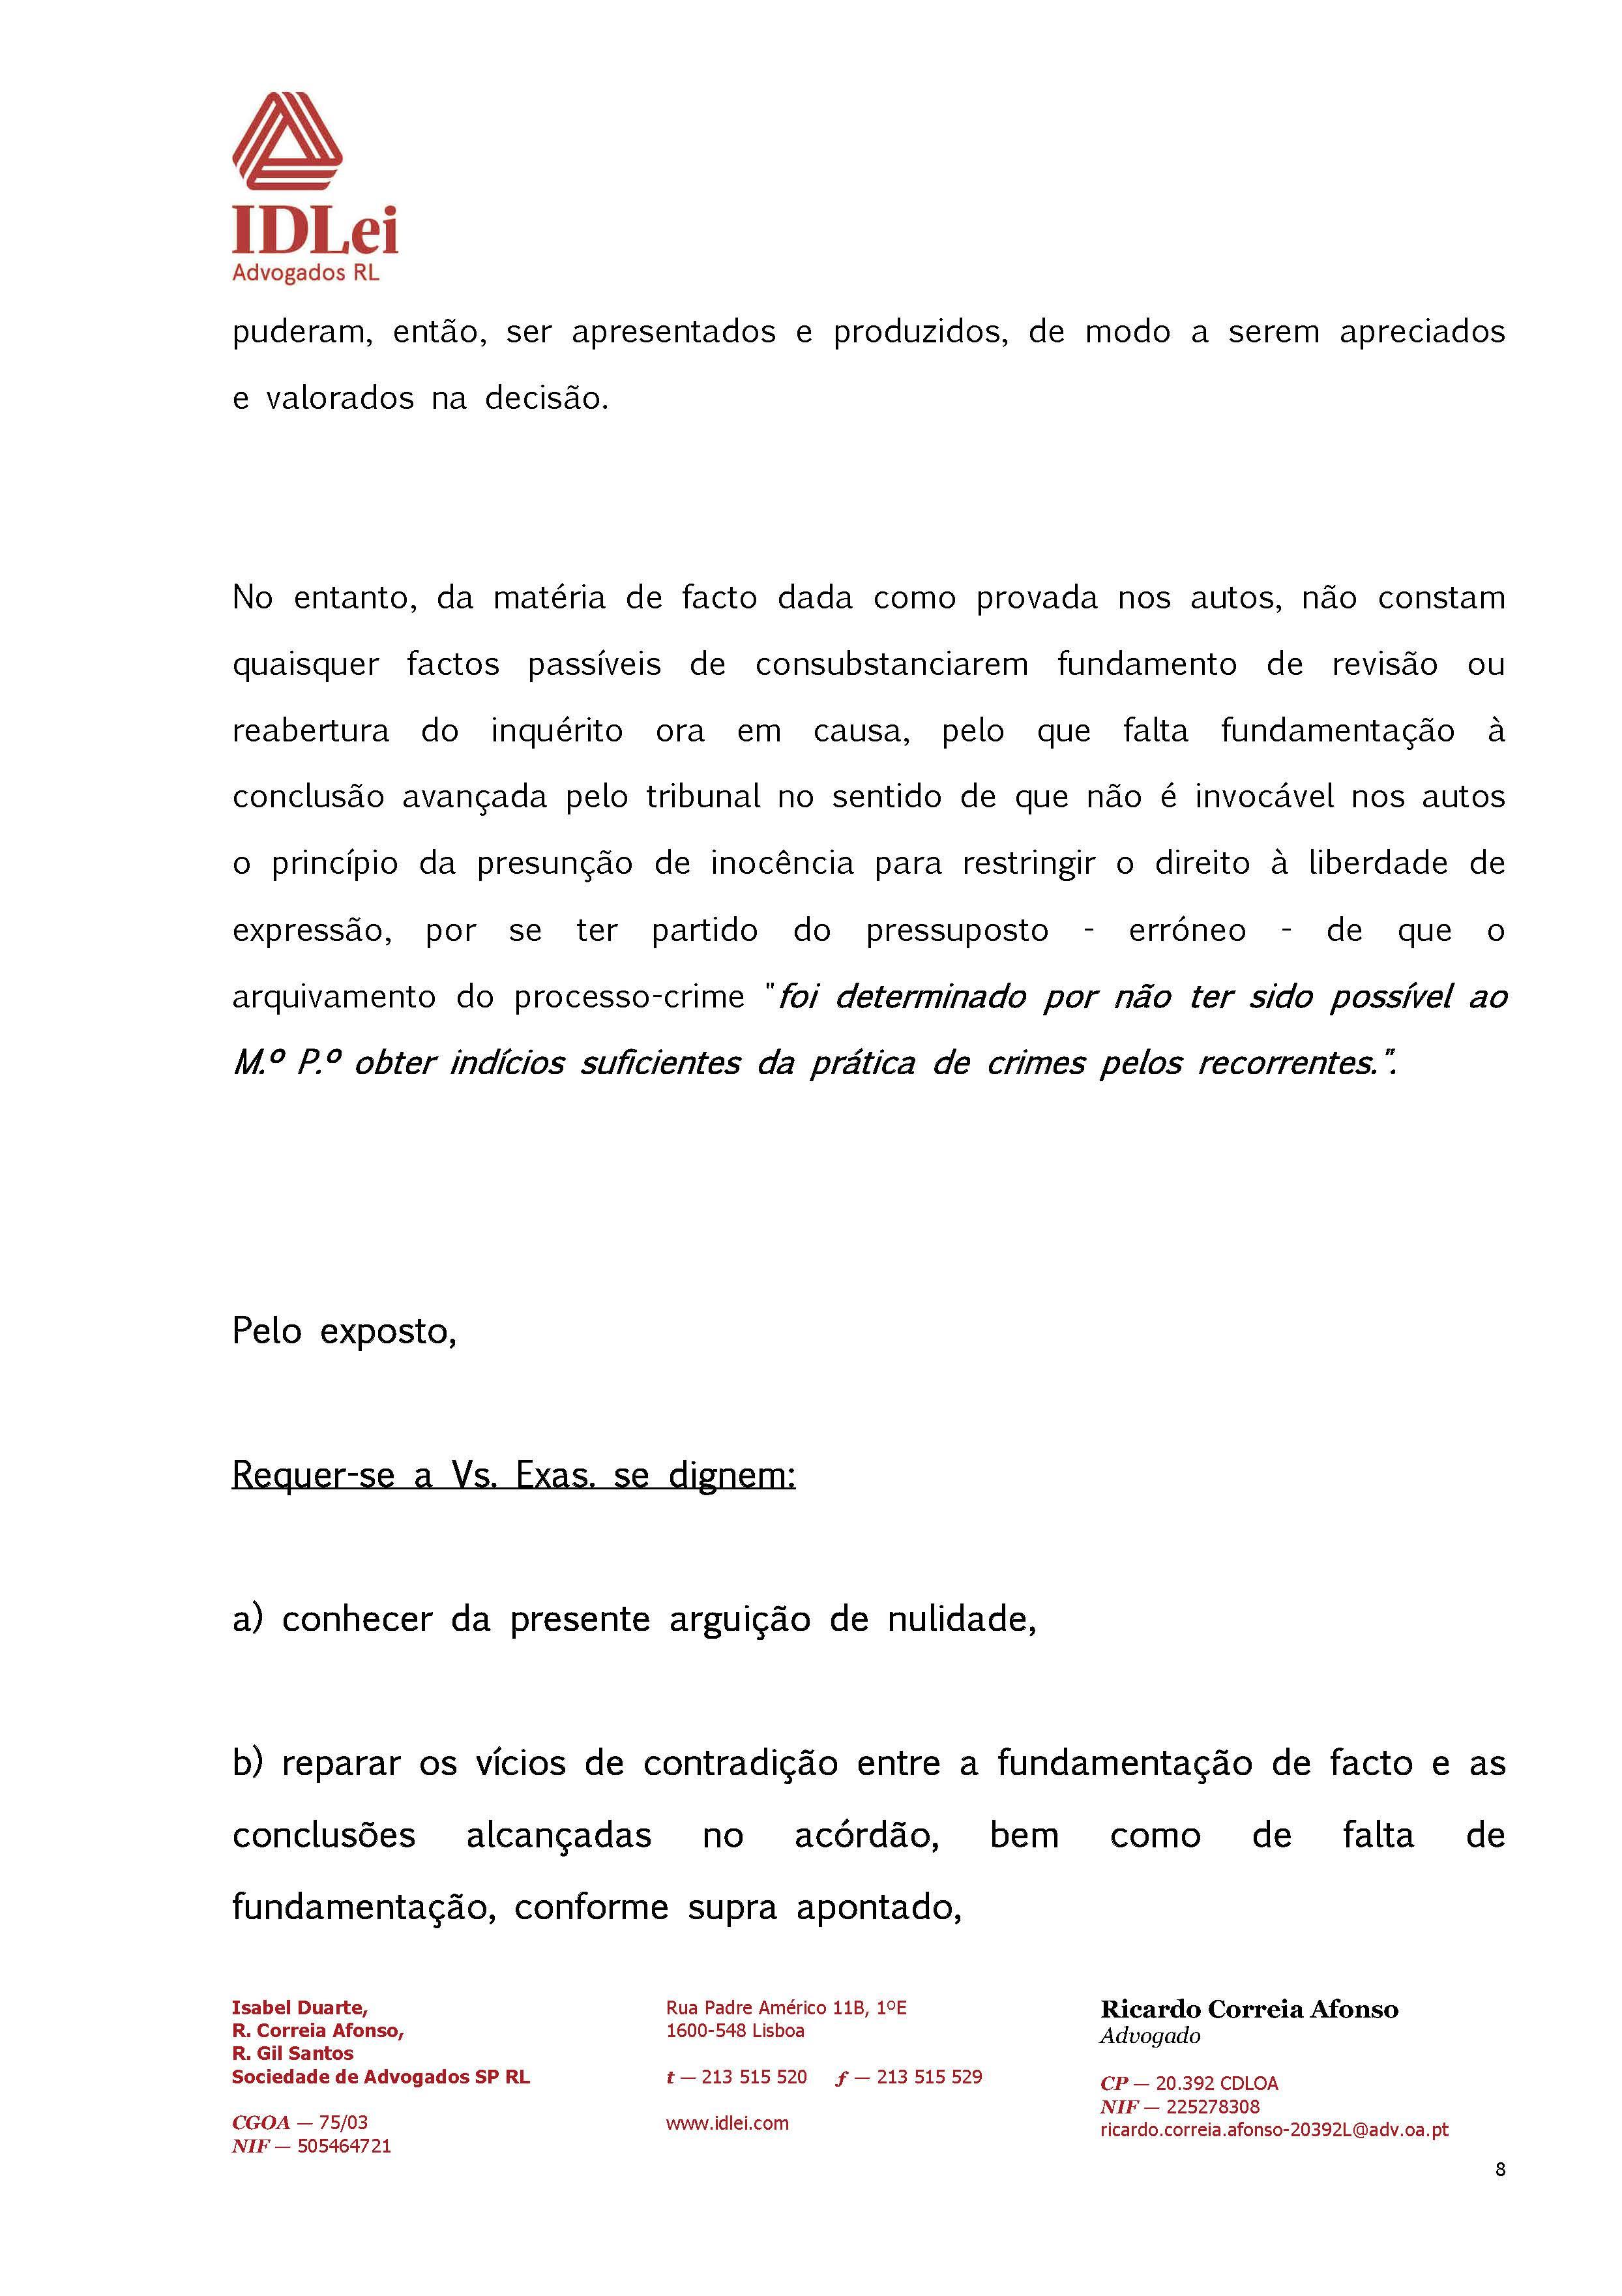 http://www.gerrymccannsblogs.co.uk/A/Arguicao_de%20Nulidade_do_Acordao_Page_8.jpg